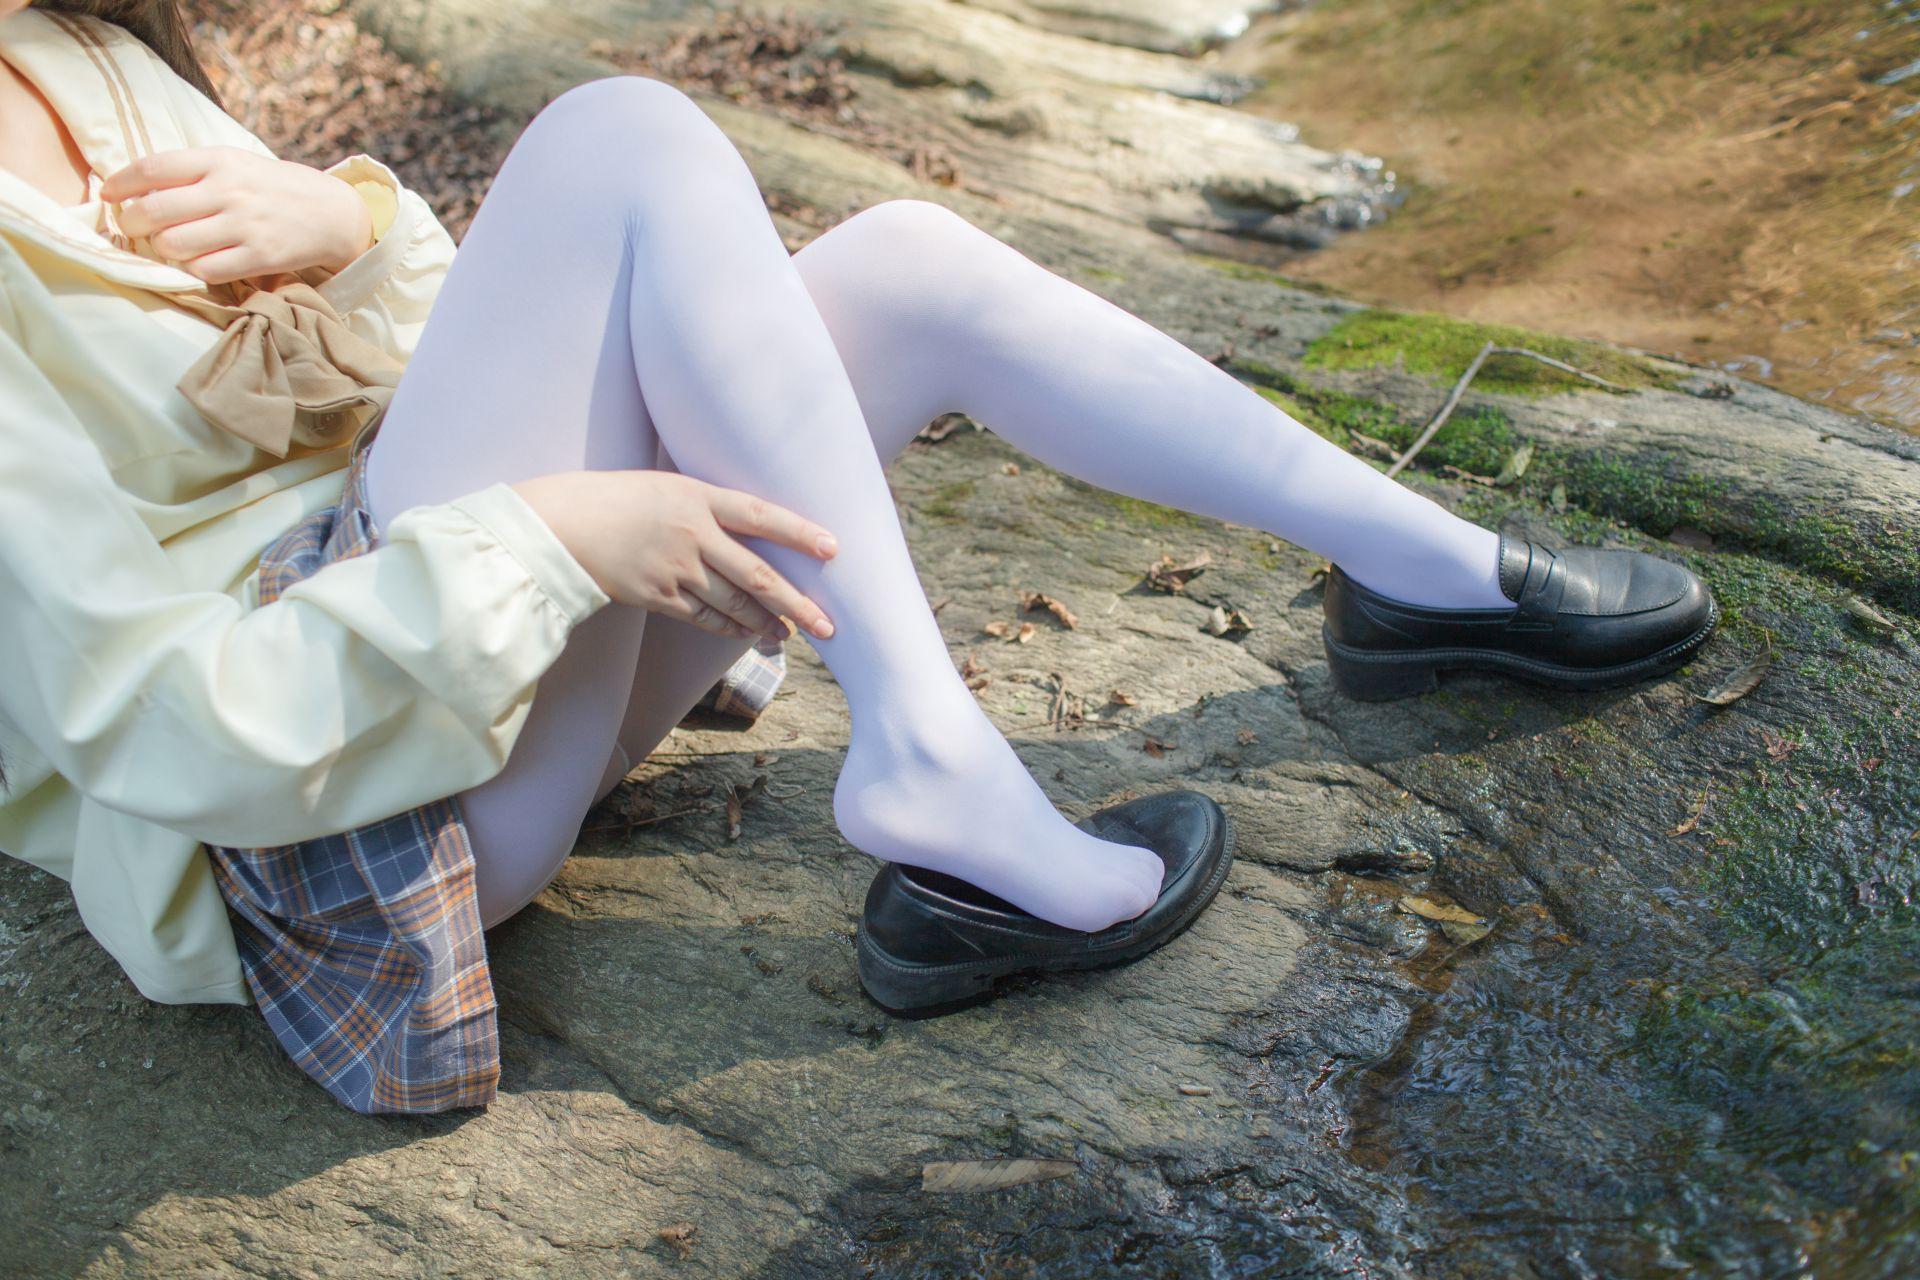 少女秩序 EXVOL.02 白丝户外 活捉野外小姐姐 兔玩映画 第8张